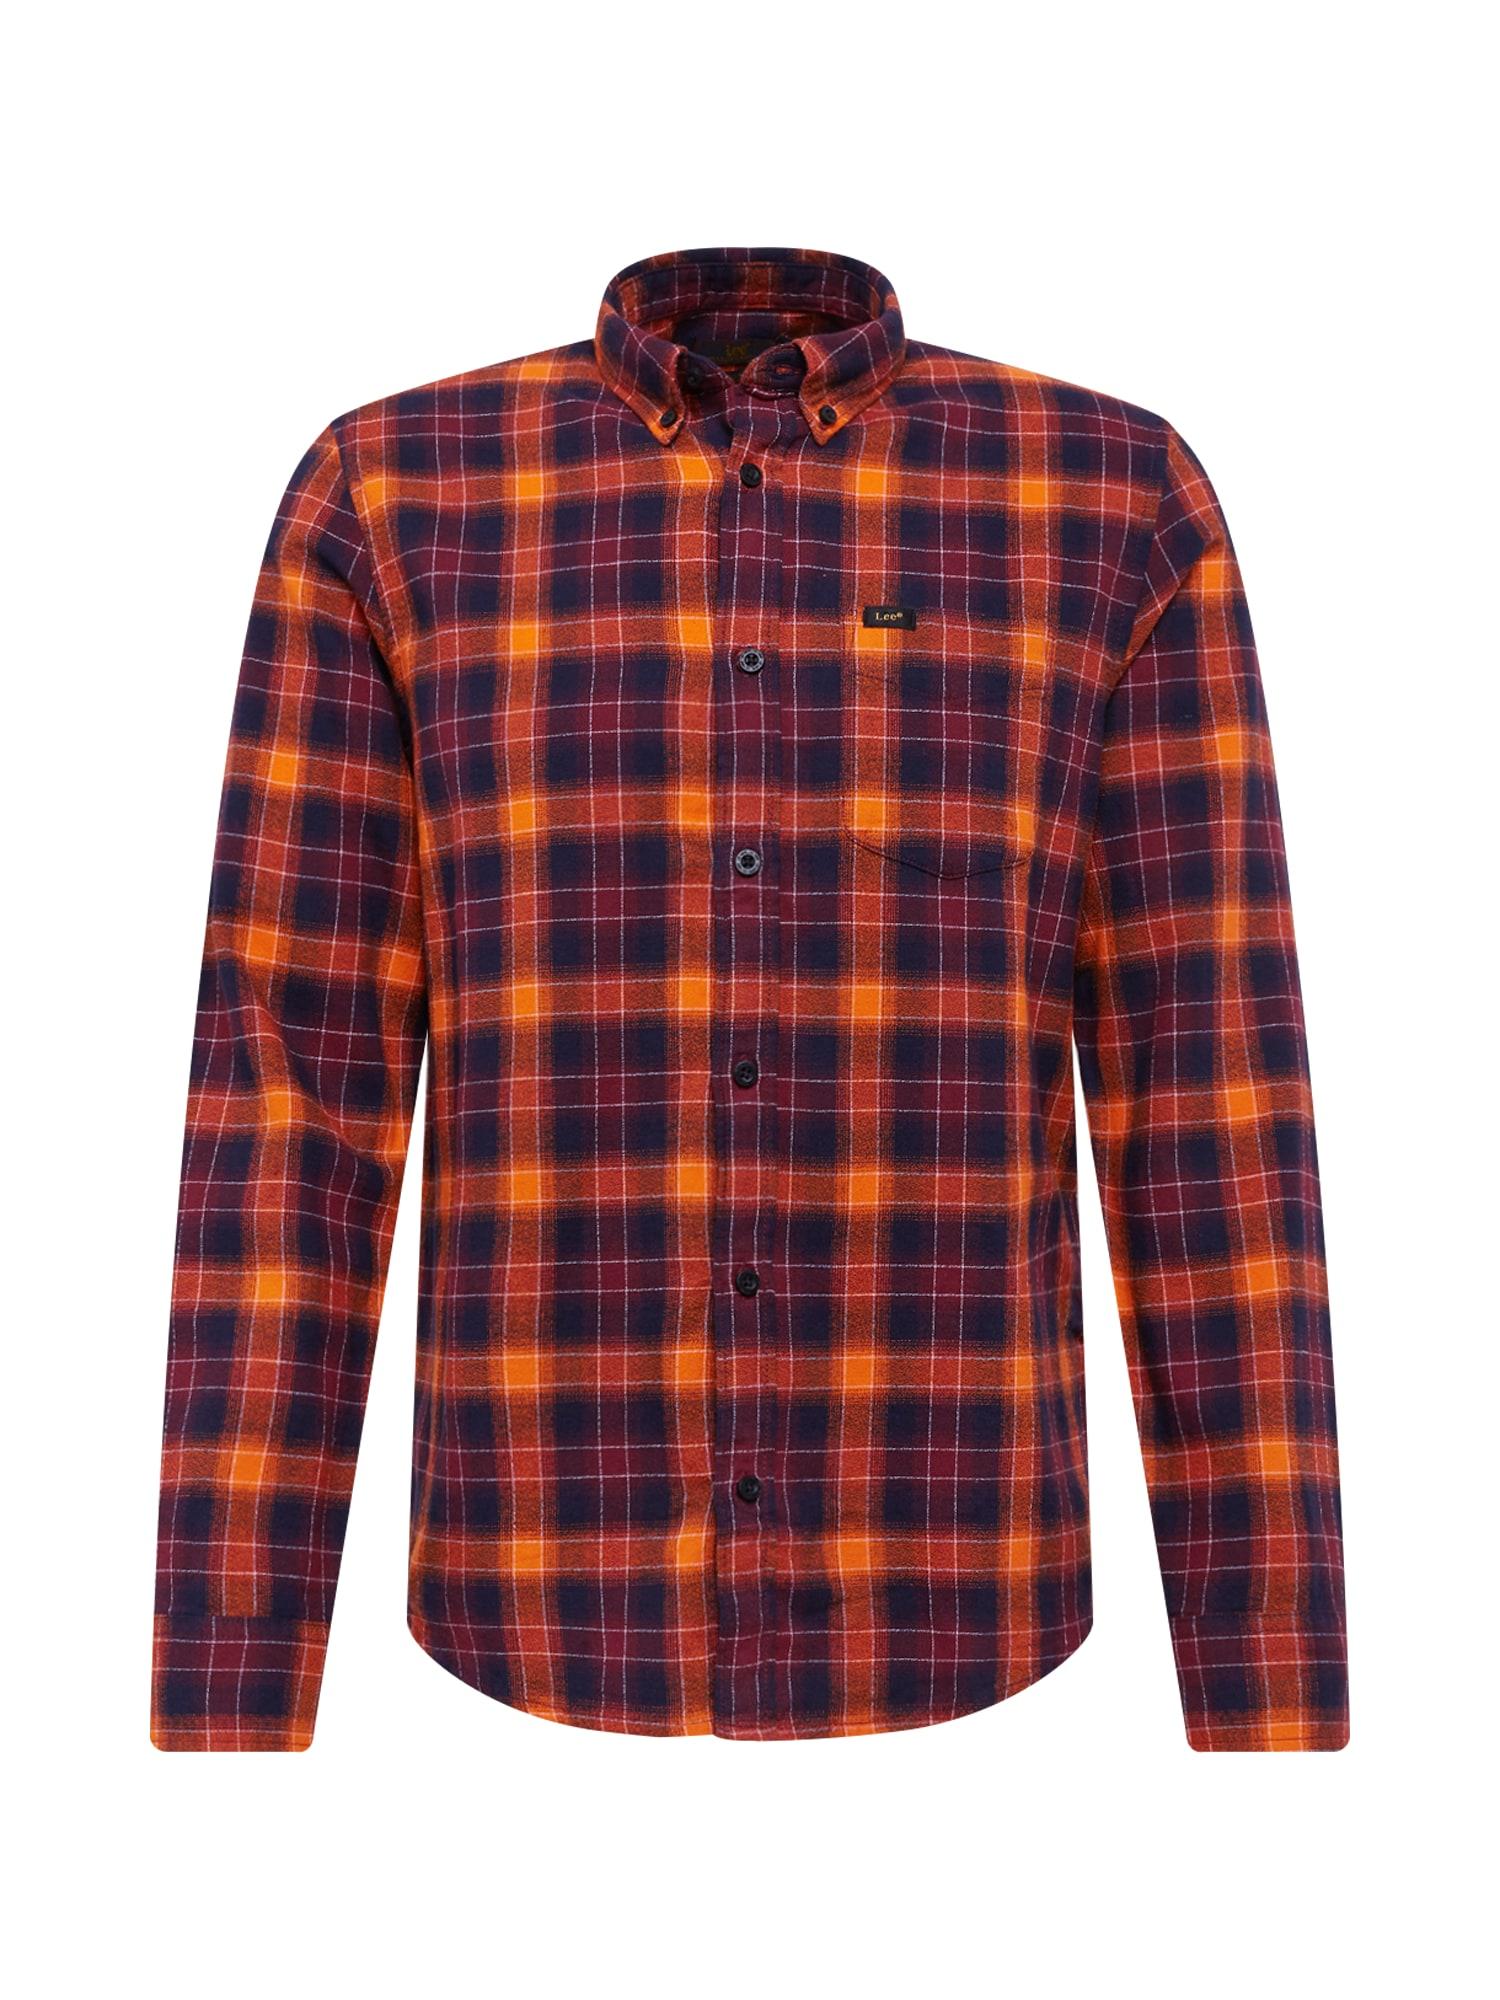 Lee Dalykiniai marškiniai mišrios spalvos